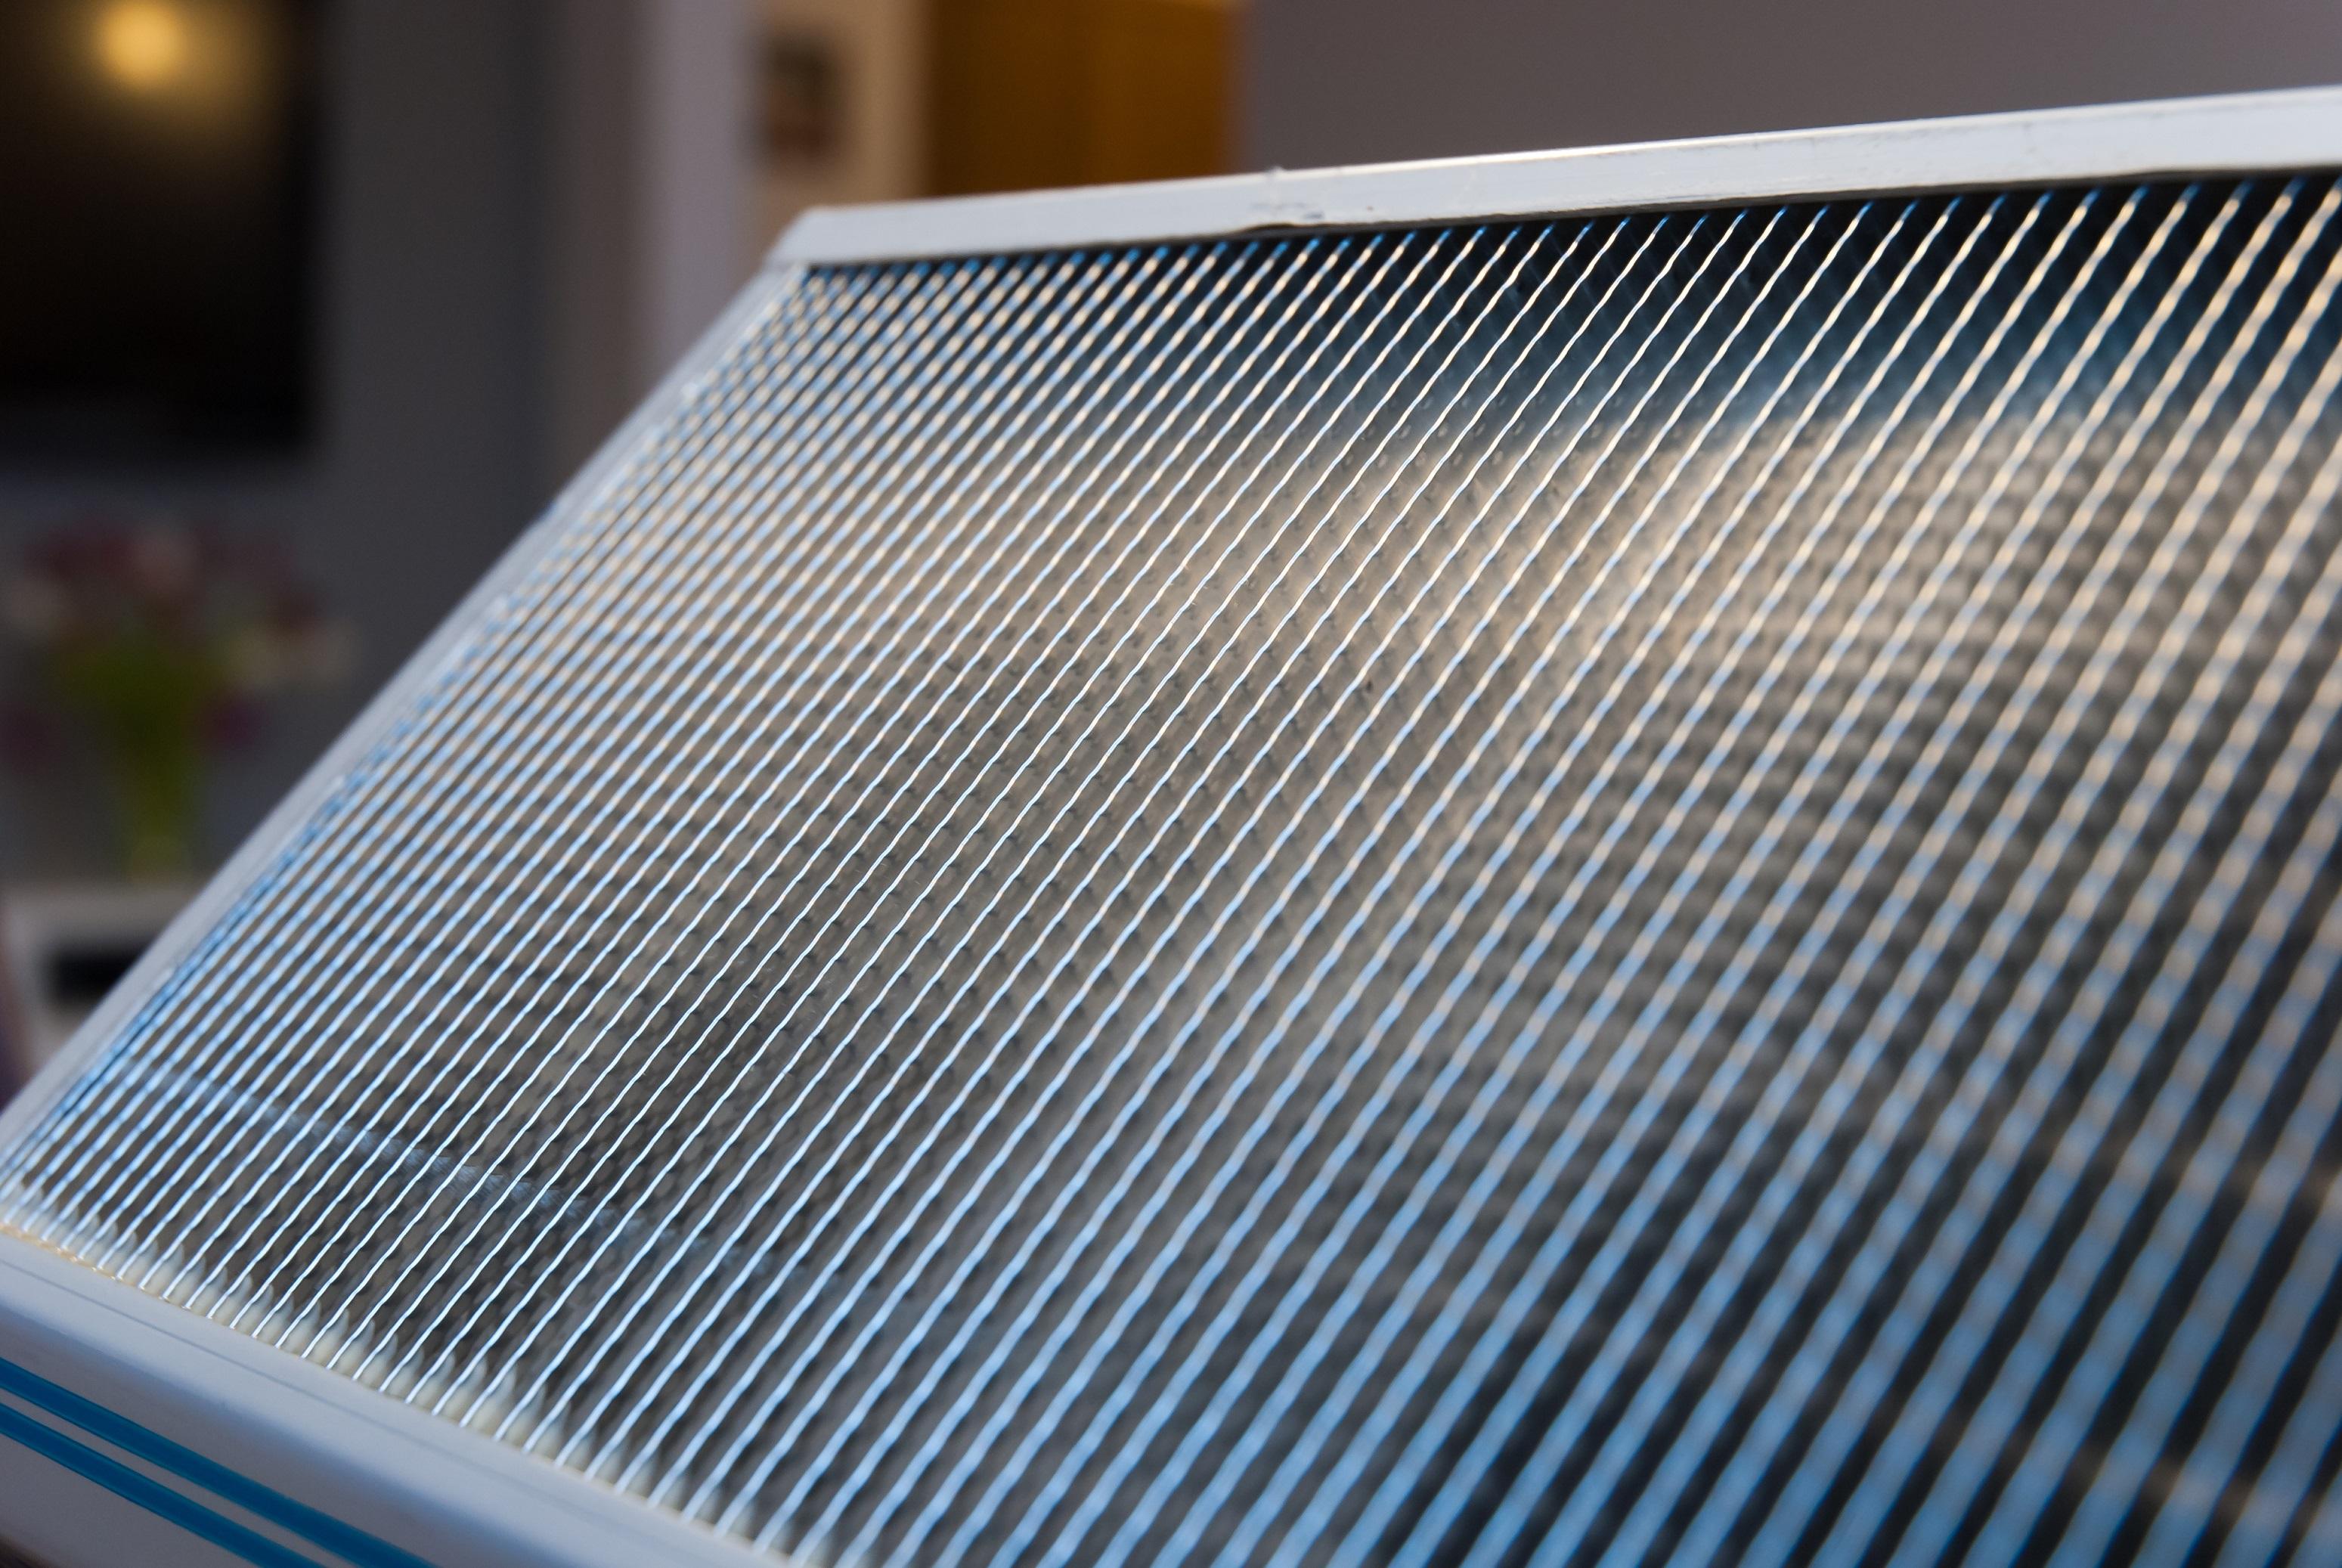 Łączenie płyt wymiennika aluminiowego GS